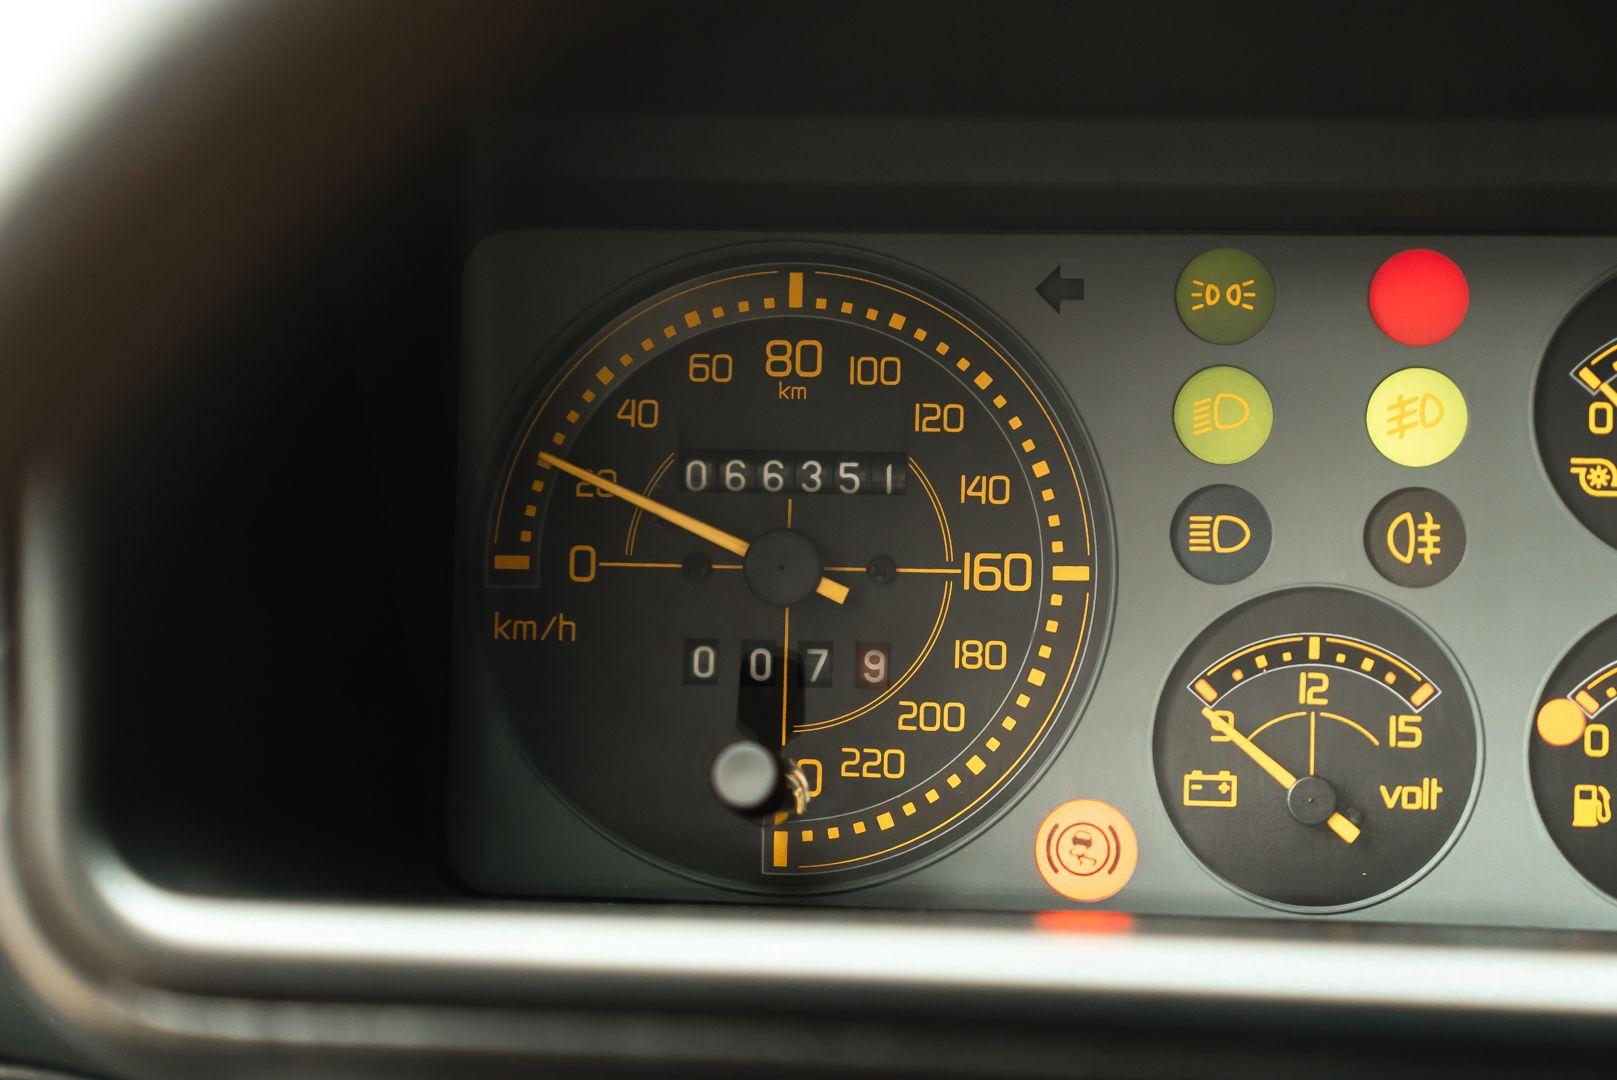 1992 Lancia Delta HF Integrale 16V Evo 1 - 79/250 84841